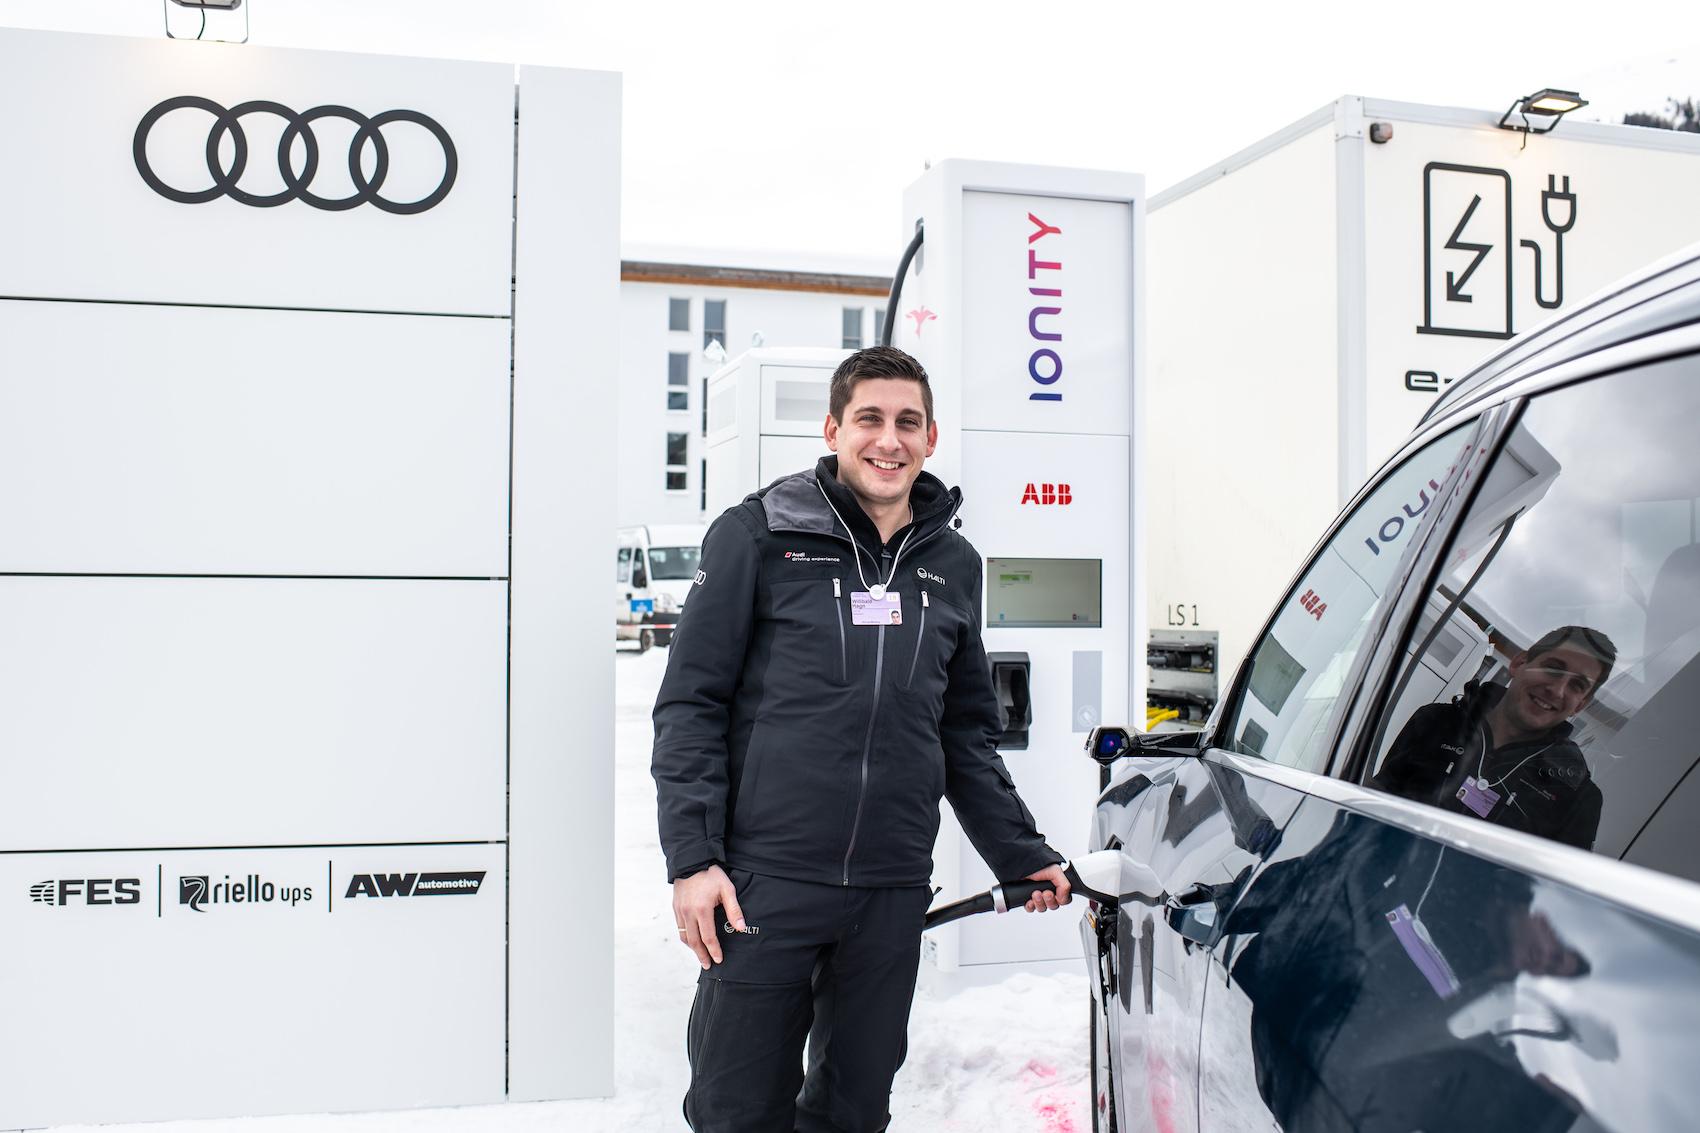 Driving Experience Manager Willibald Hagn zeigt: So einfach ist das mit dem Laden. (Foto: Adrian Bretscher.)